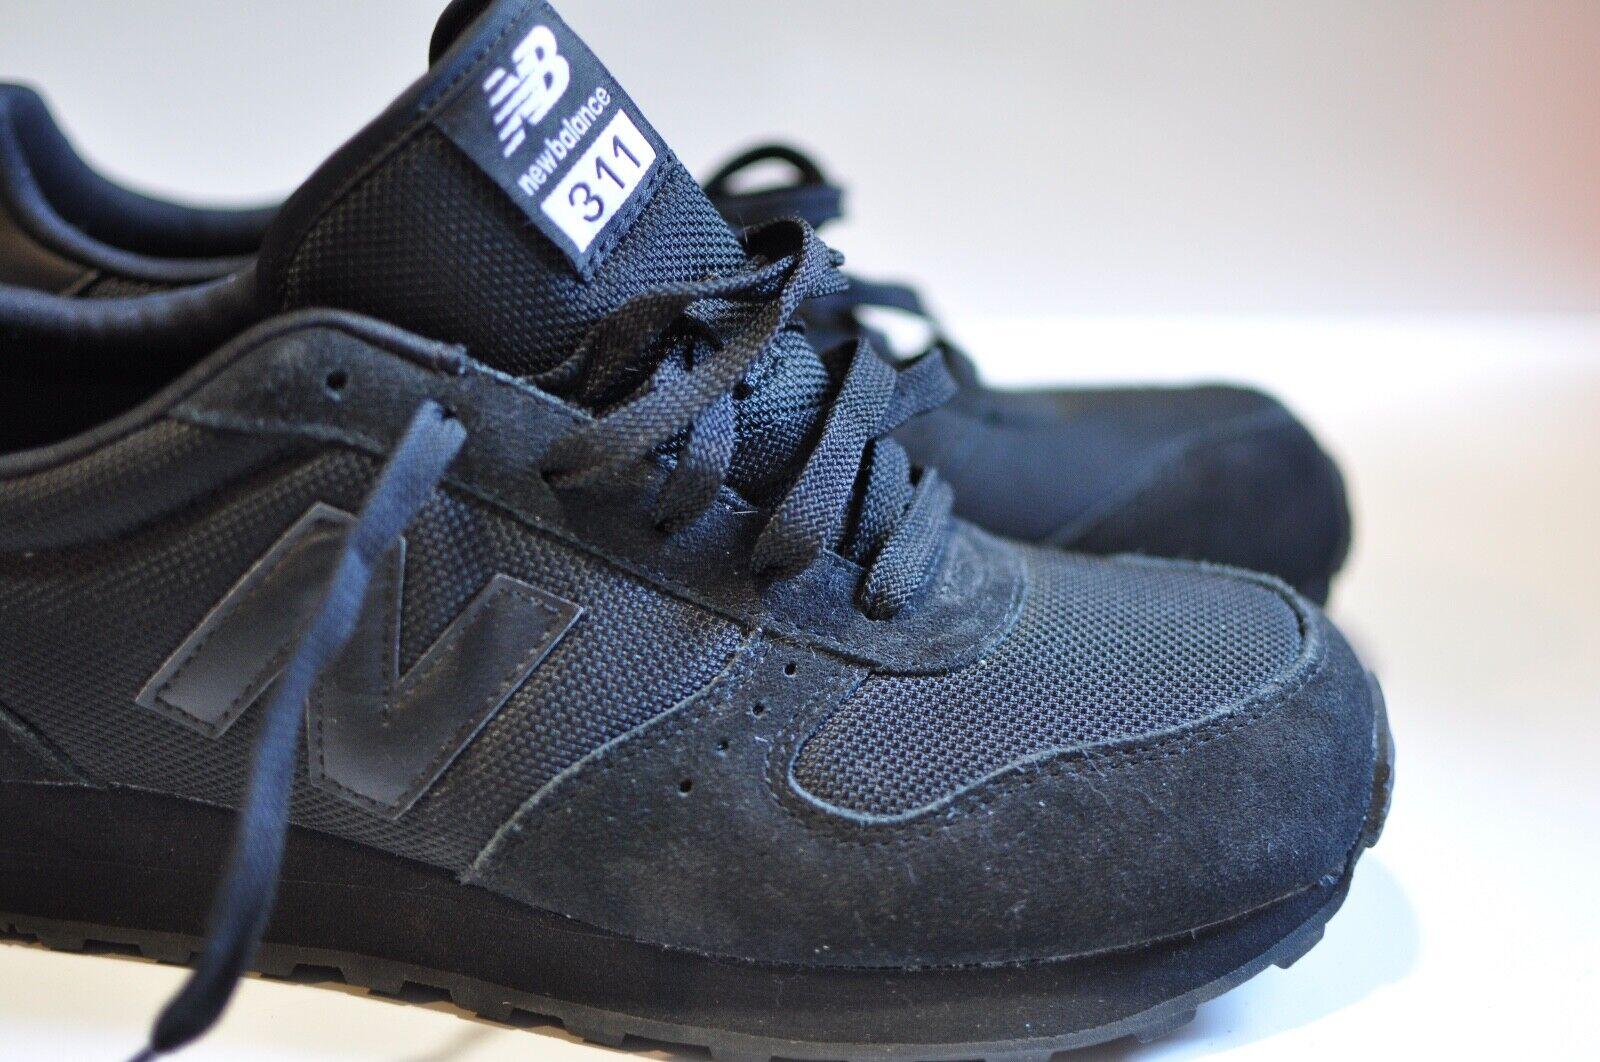 Para Hombre 311 Sólido Negro New Balance Clásico Zapatillas Tamaño 9.5 D